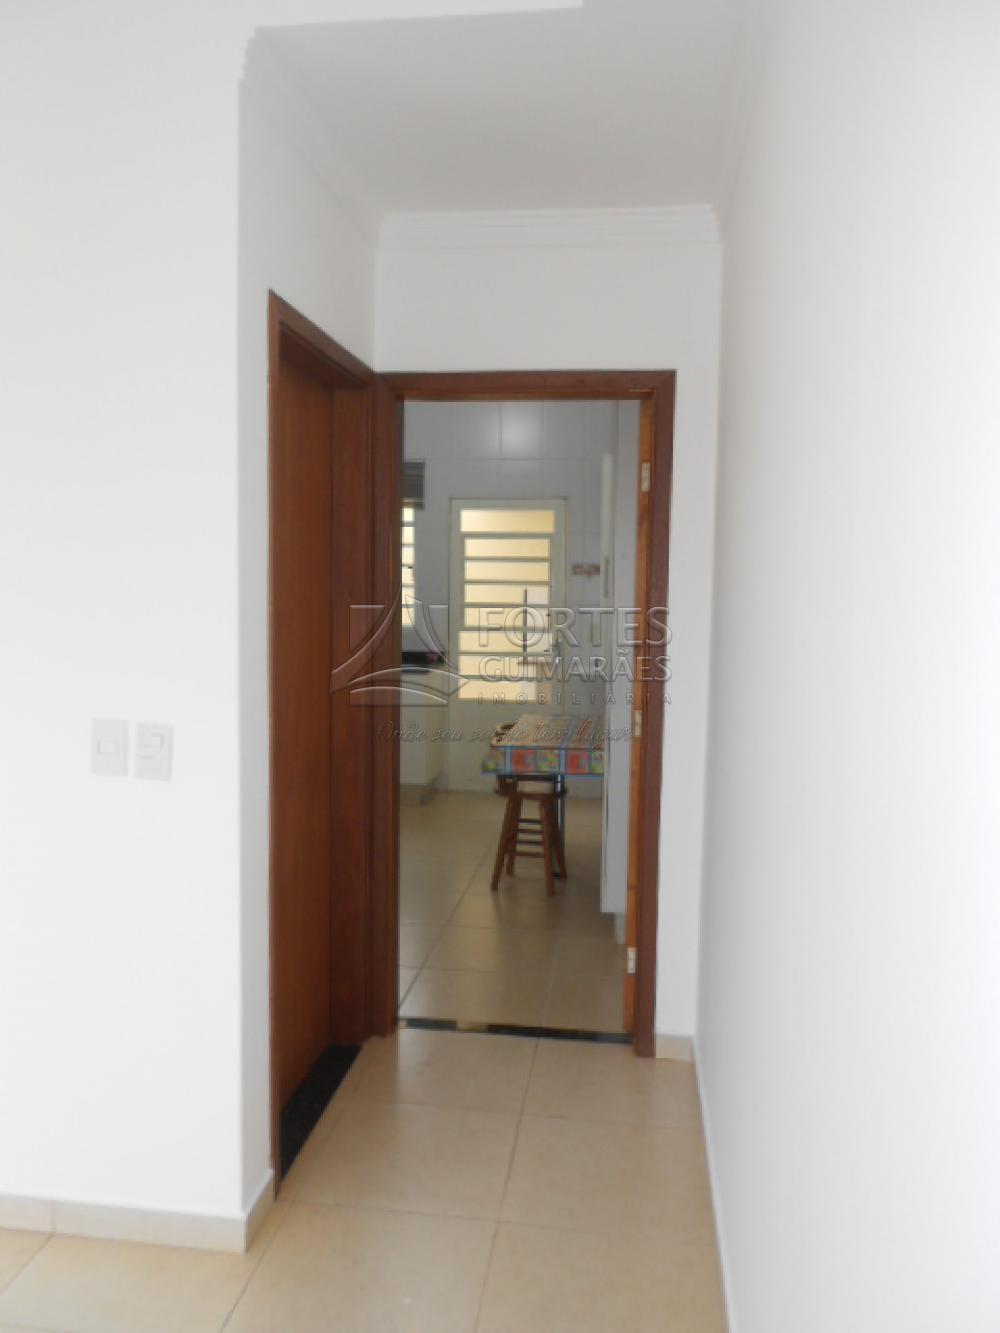 Alugar Casas / Padrão em Ribeirão Preto apenas R$ 3.500,00 - Foto 65